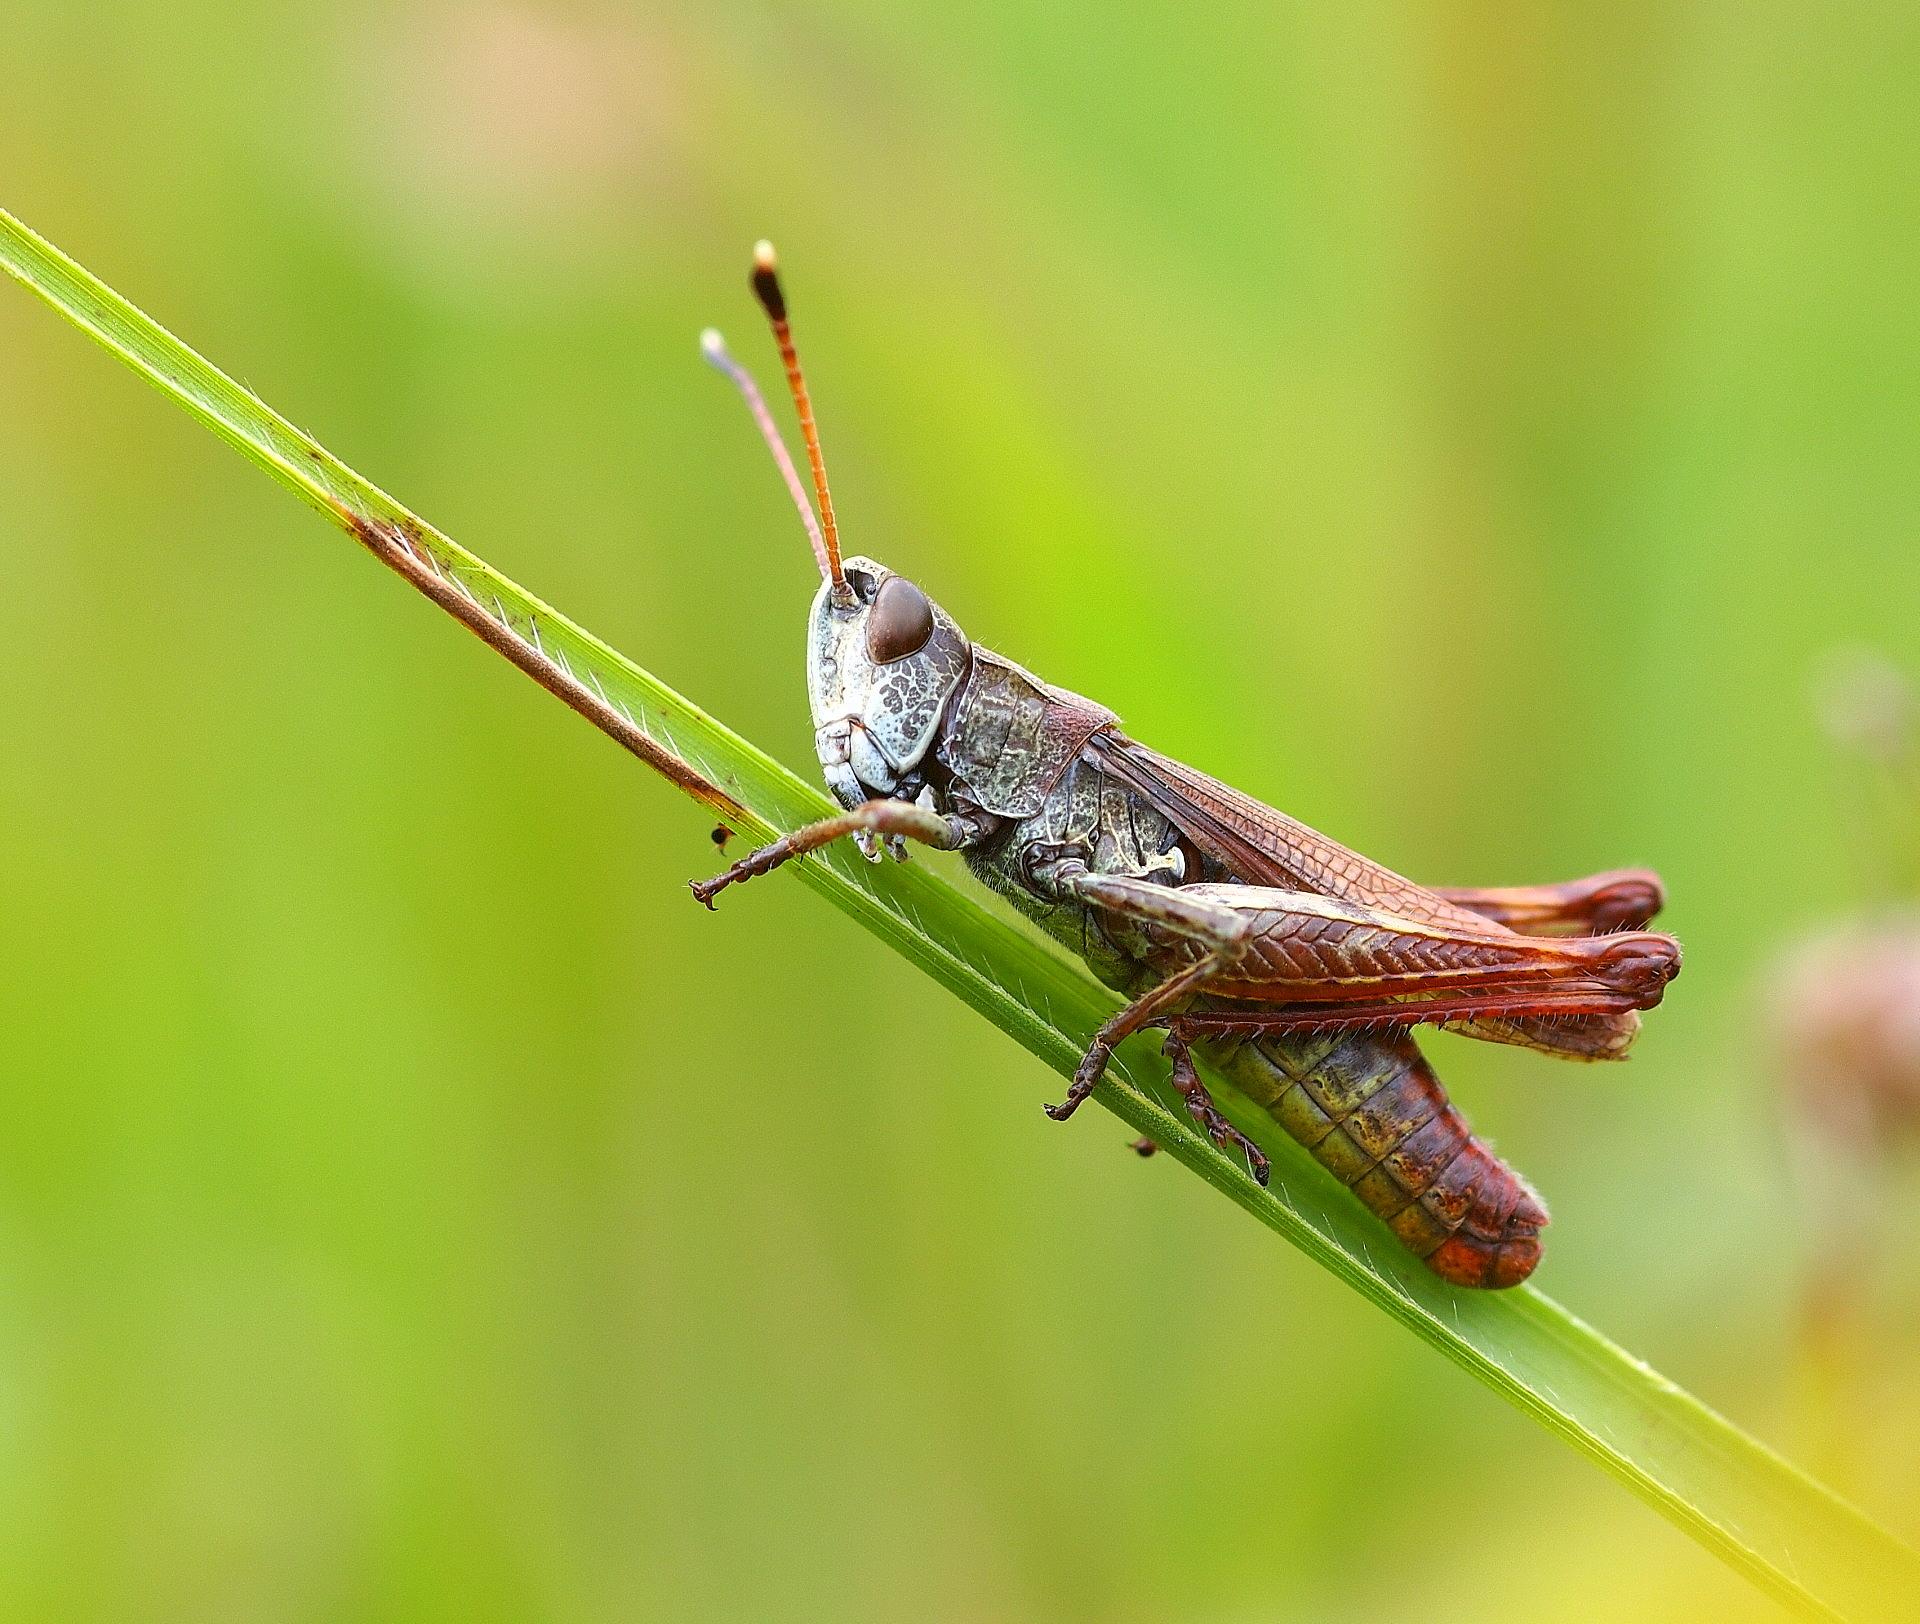 Die rote Keulenschrecke ist ein Bewohner der Heide